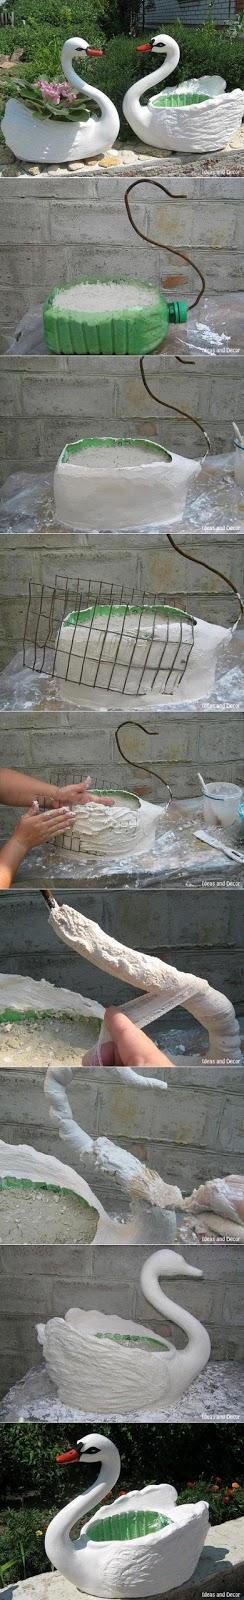 plastik-şişeden-saksı-yapımı